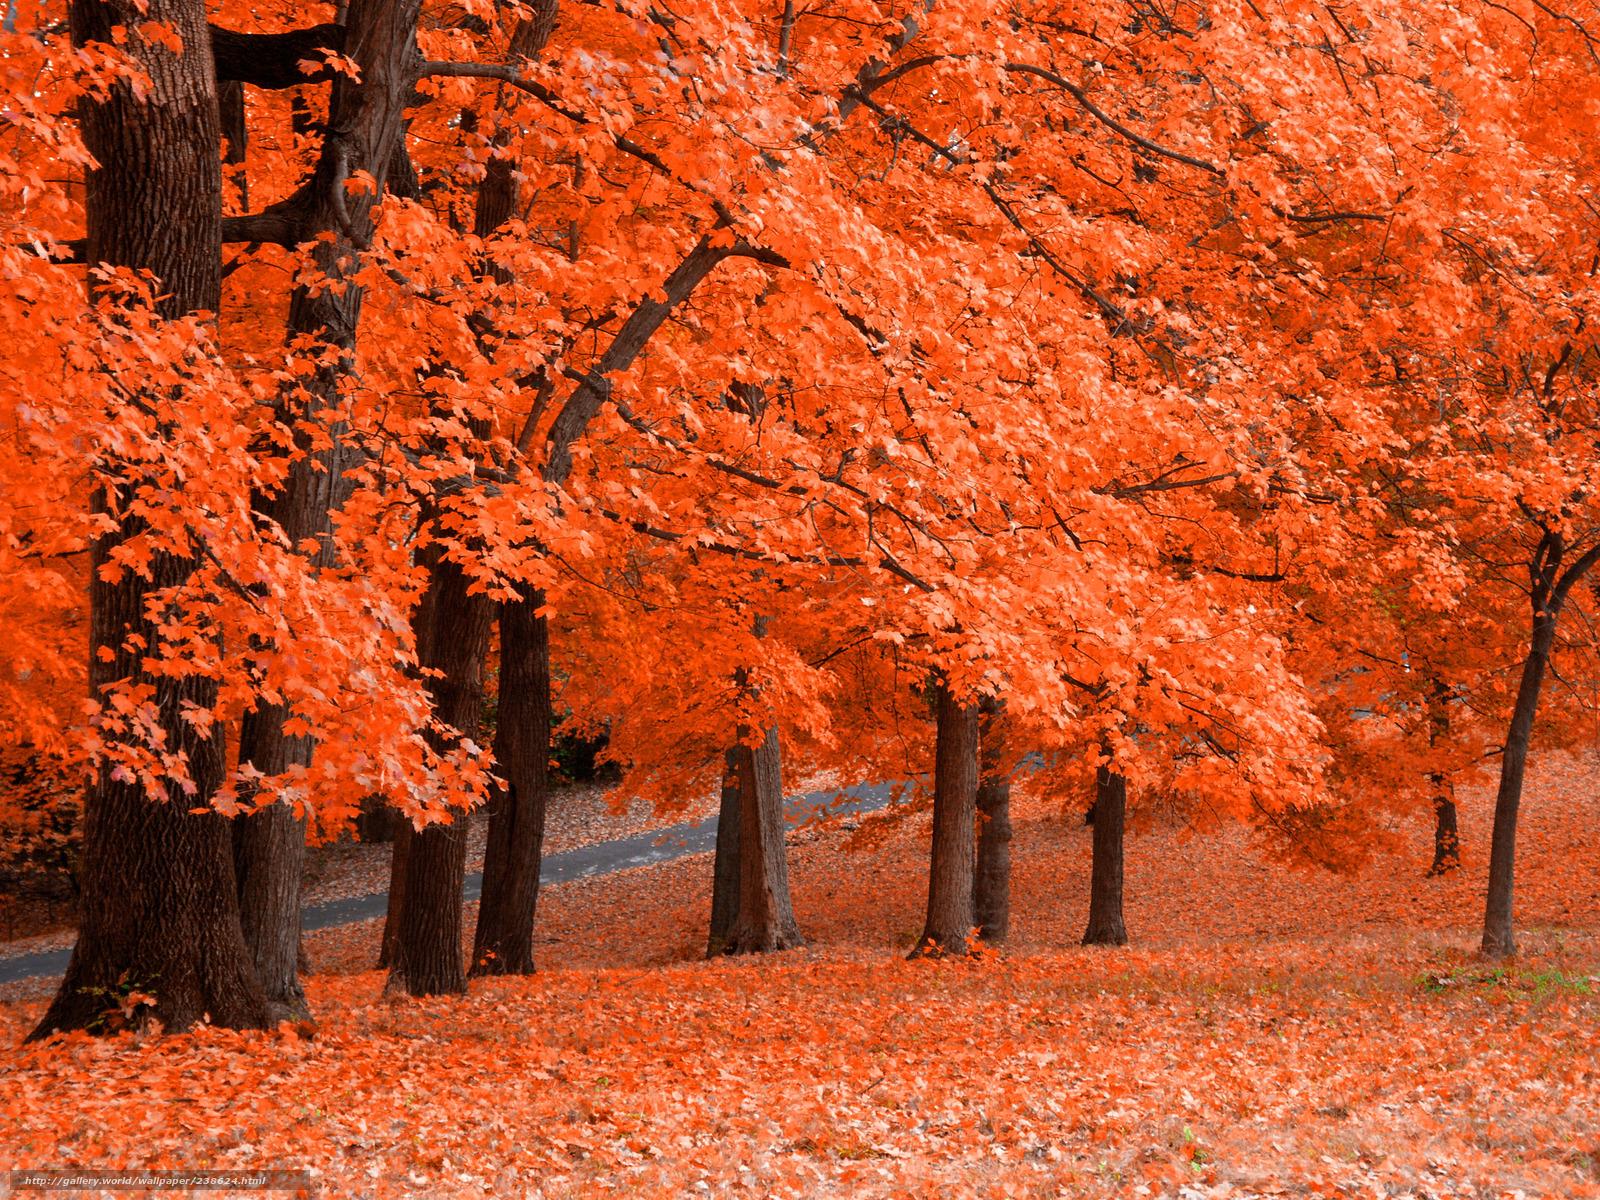 Scaricare gli sfondi spremuta fresca autunno parco for Foto per desktop gratis autunno